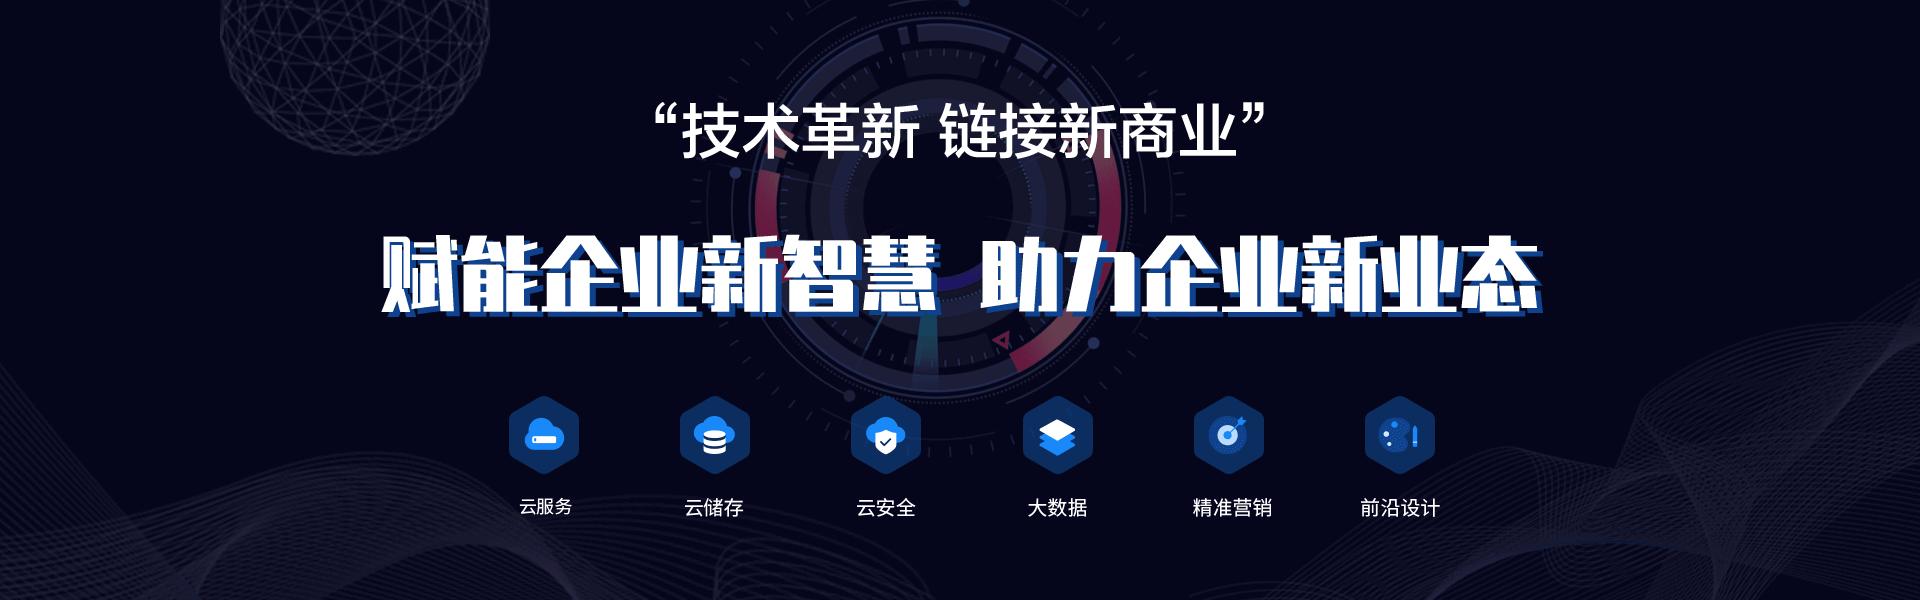 广州红匣子信息技术有限公司